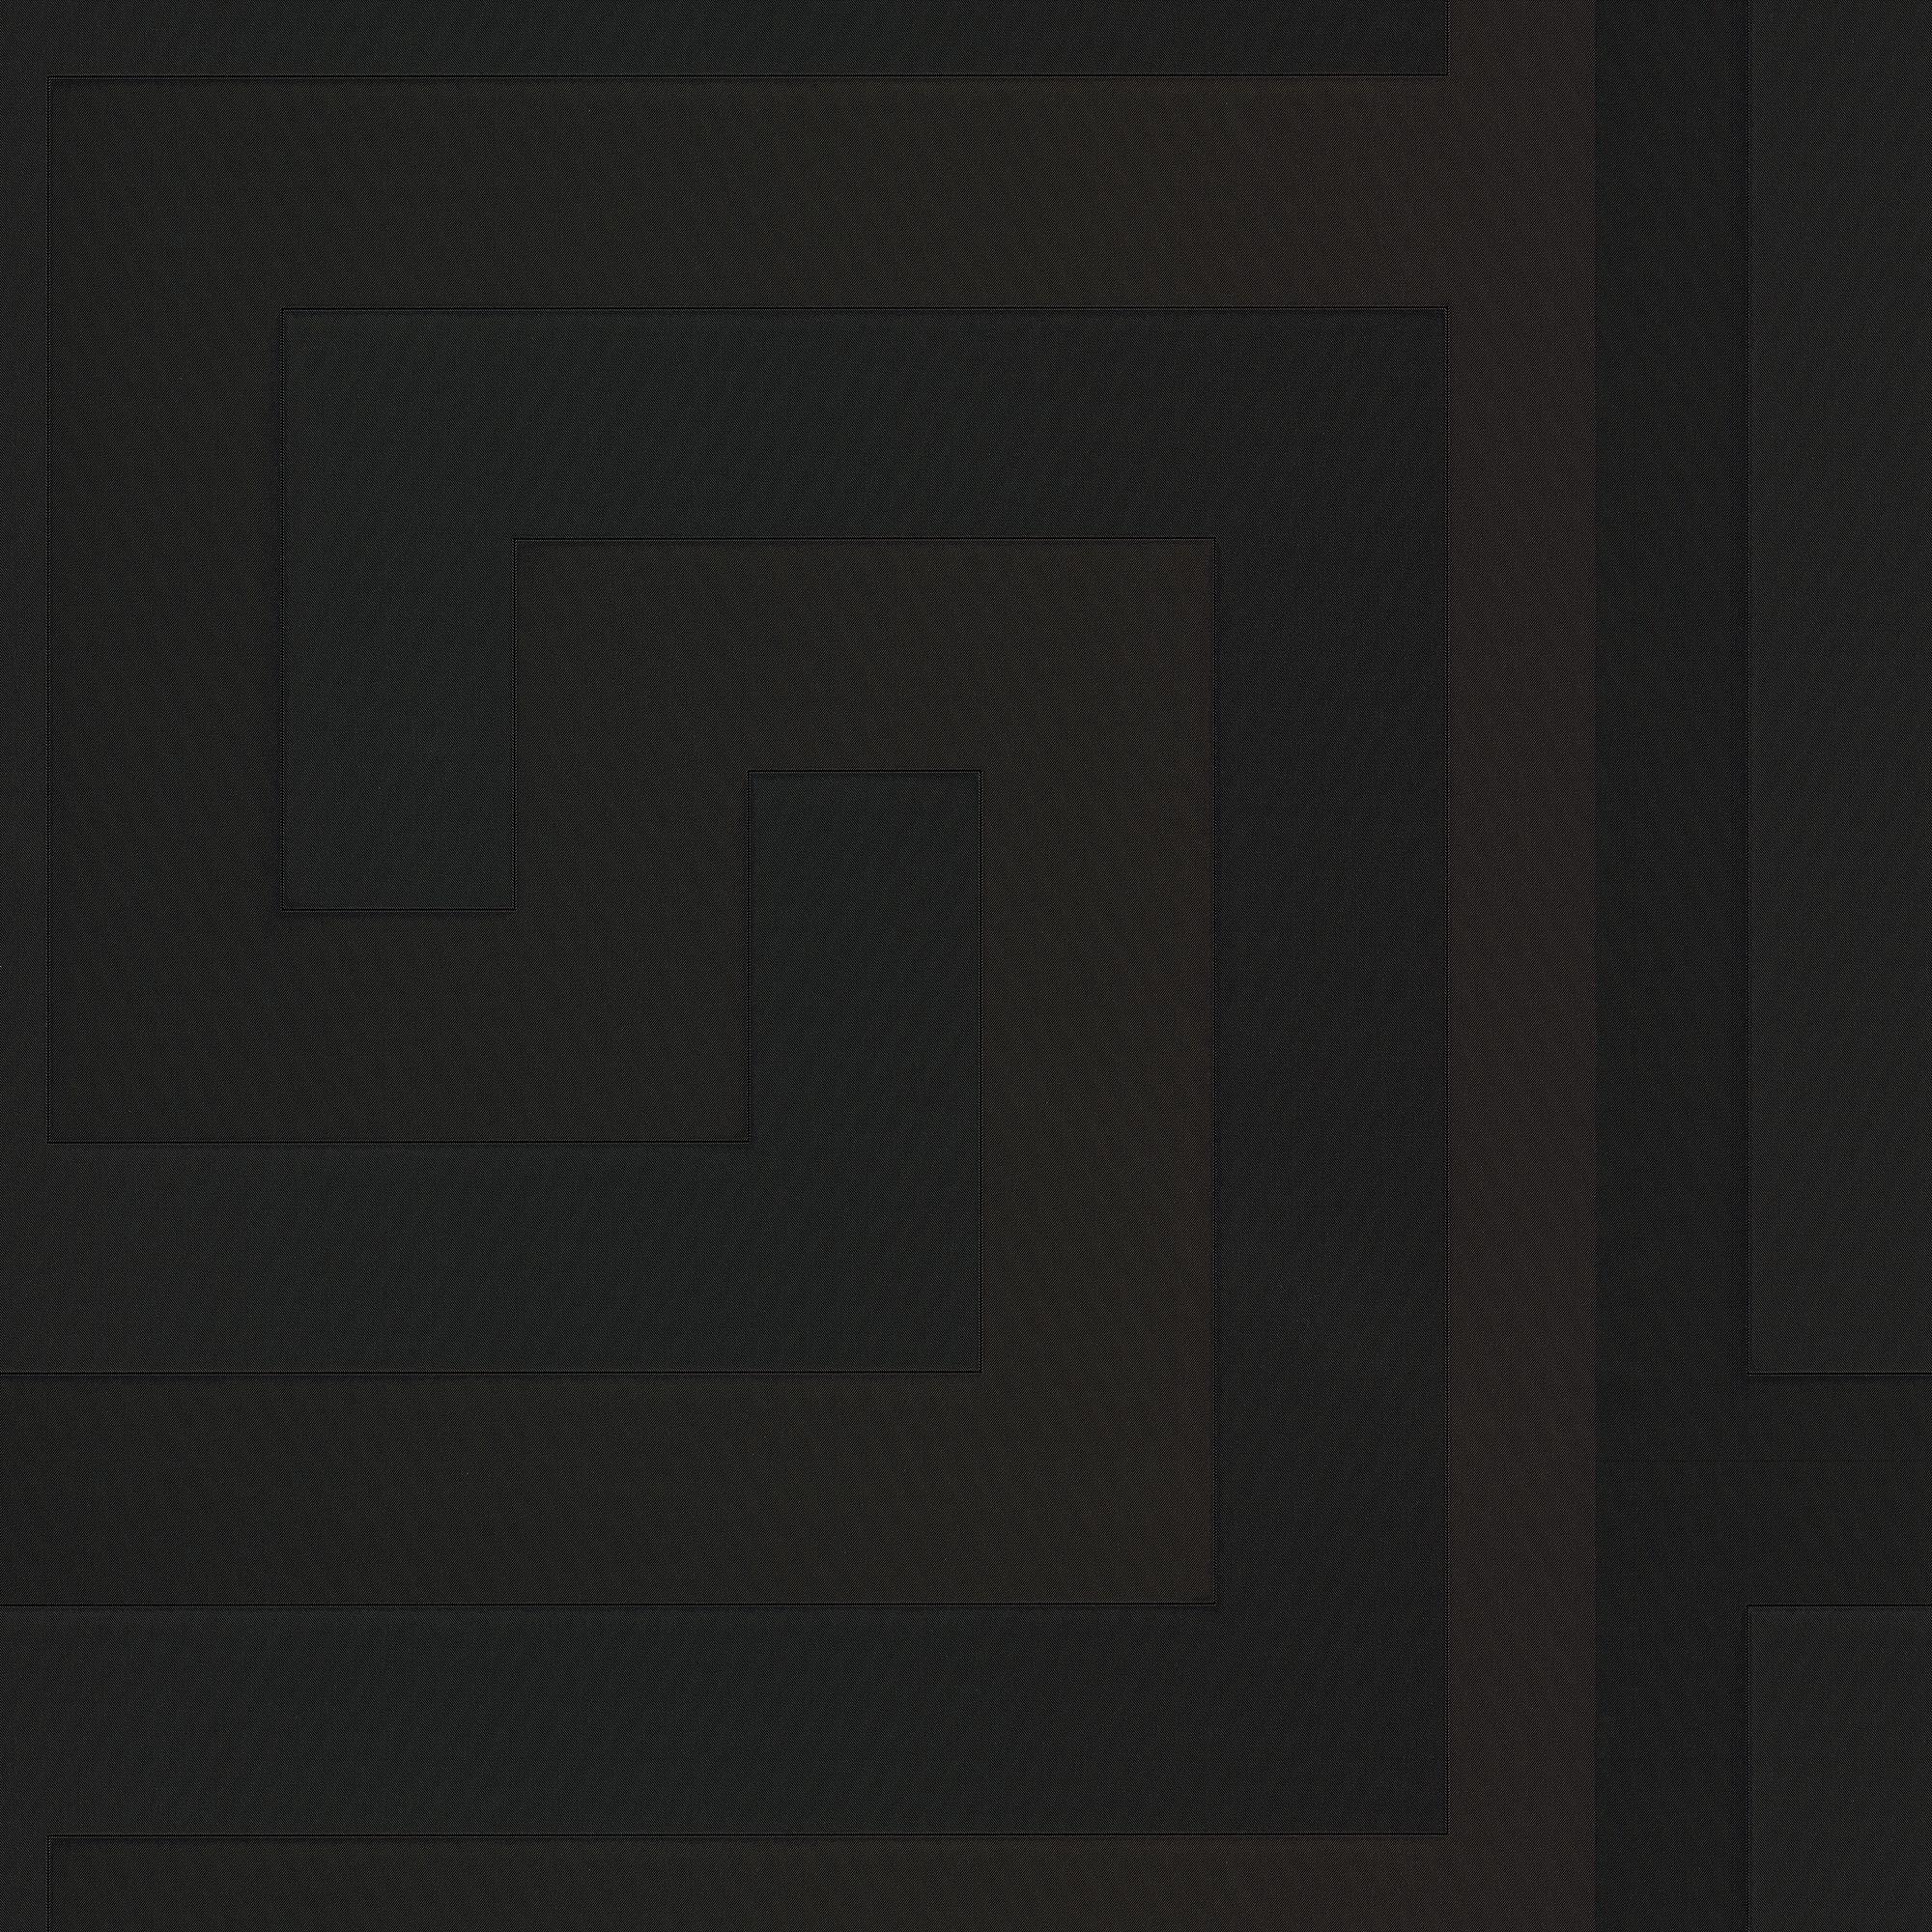 Versace Large Black Greek Key Wallpaper Muslin backdrops